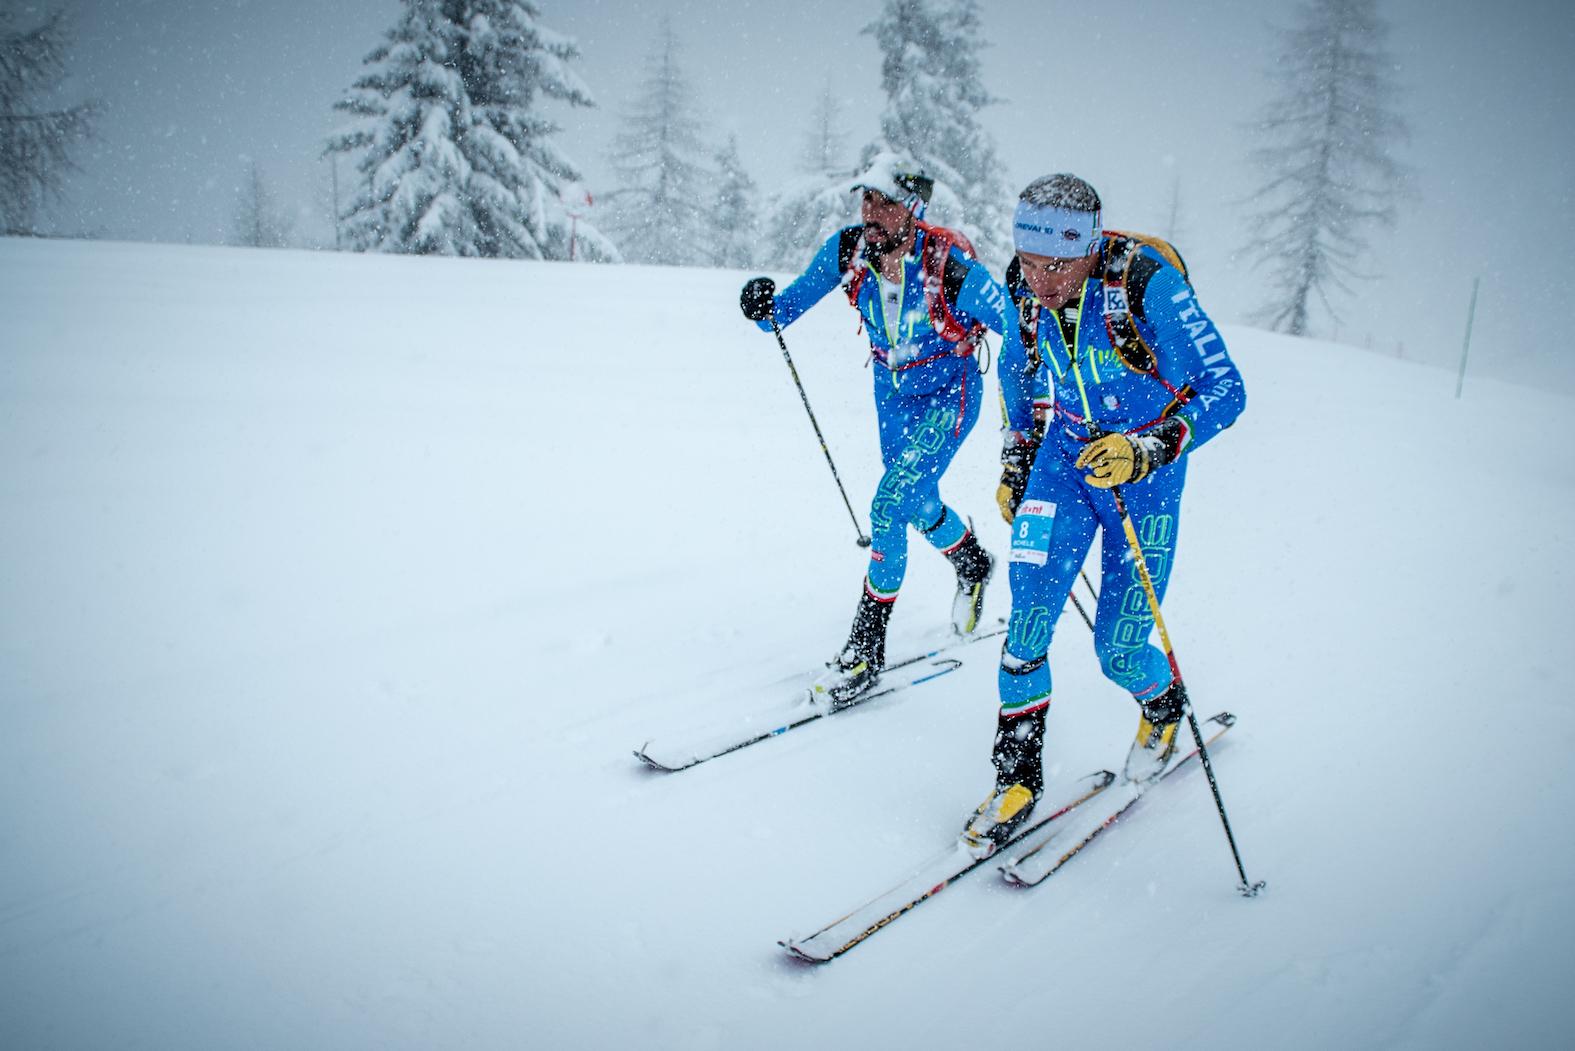 Coppa Del Mondo Di Sci 2020 Calendario.Ufficiale Il Calendario Della Coppa Del Mondo Ismf Skialper